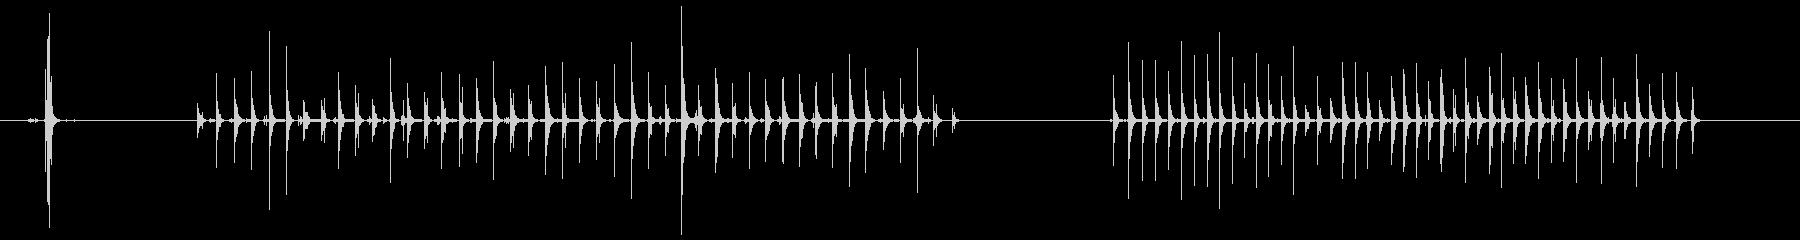 金属のステップ-メンズキャンバスシ...の未再生の波形